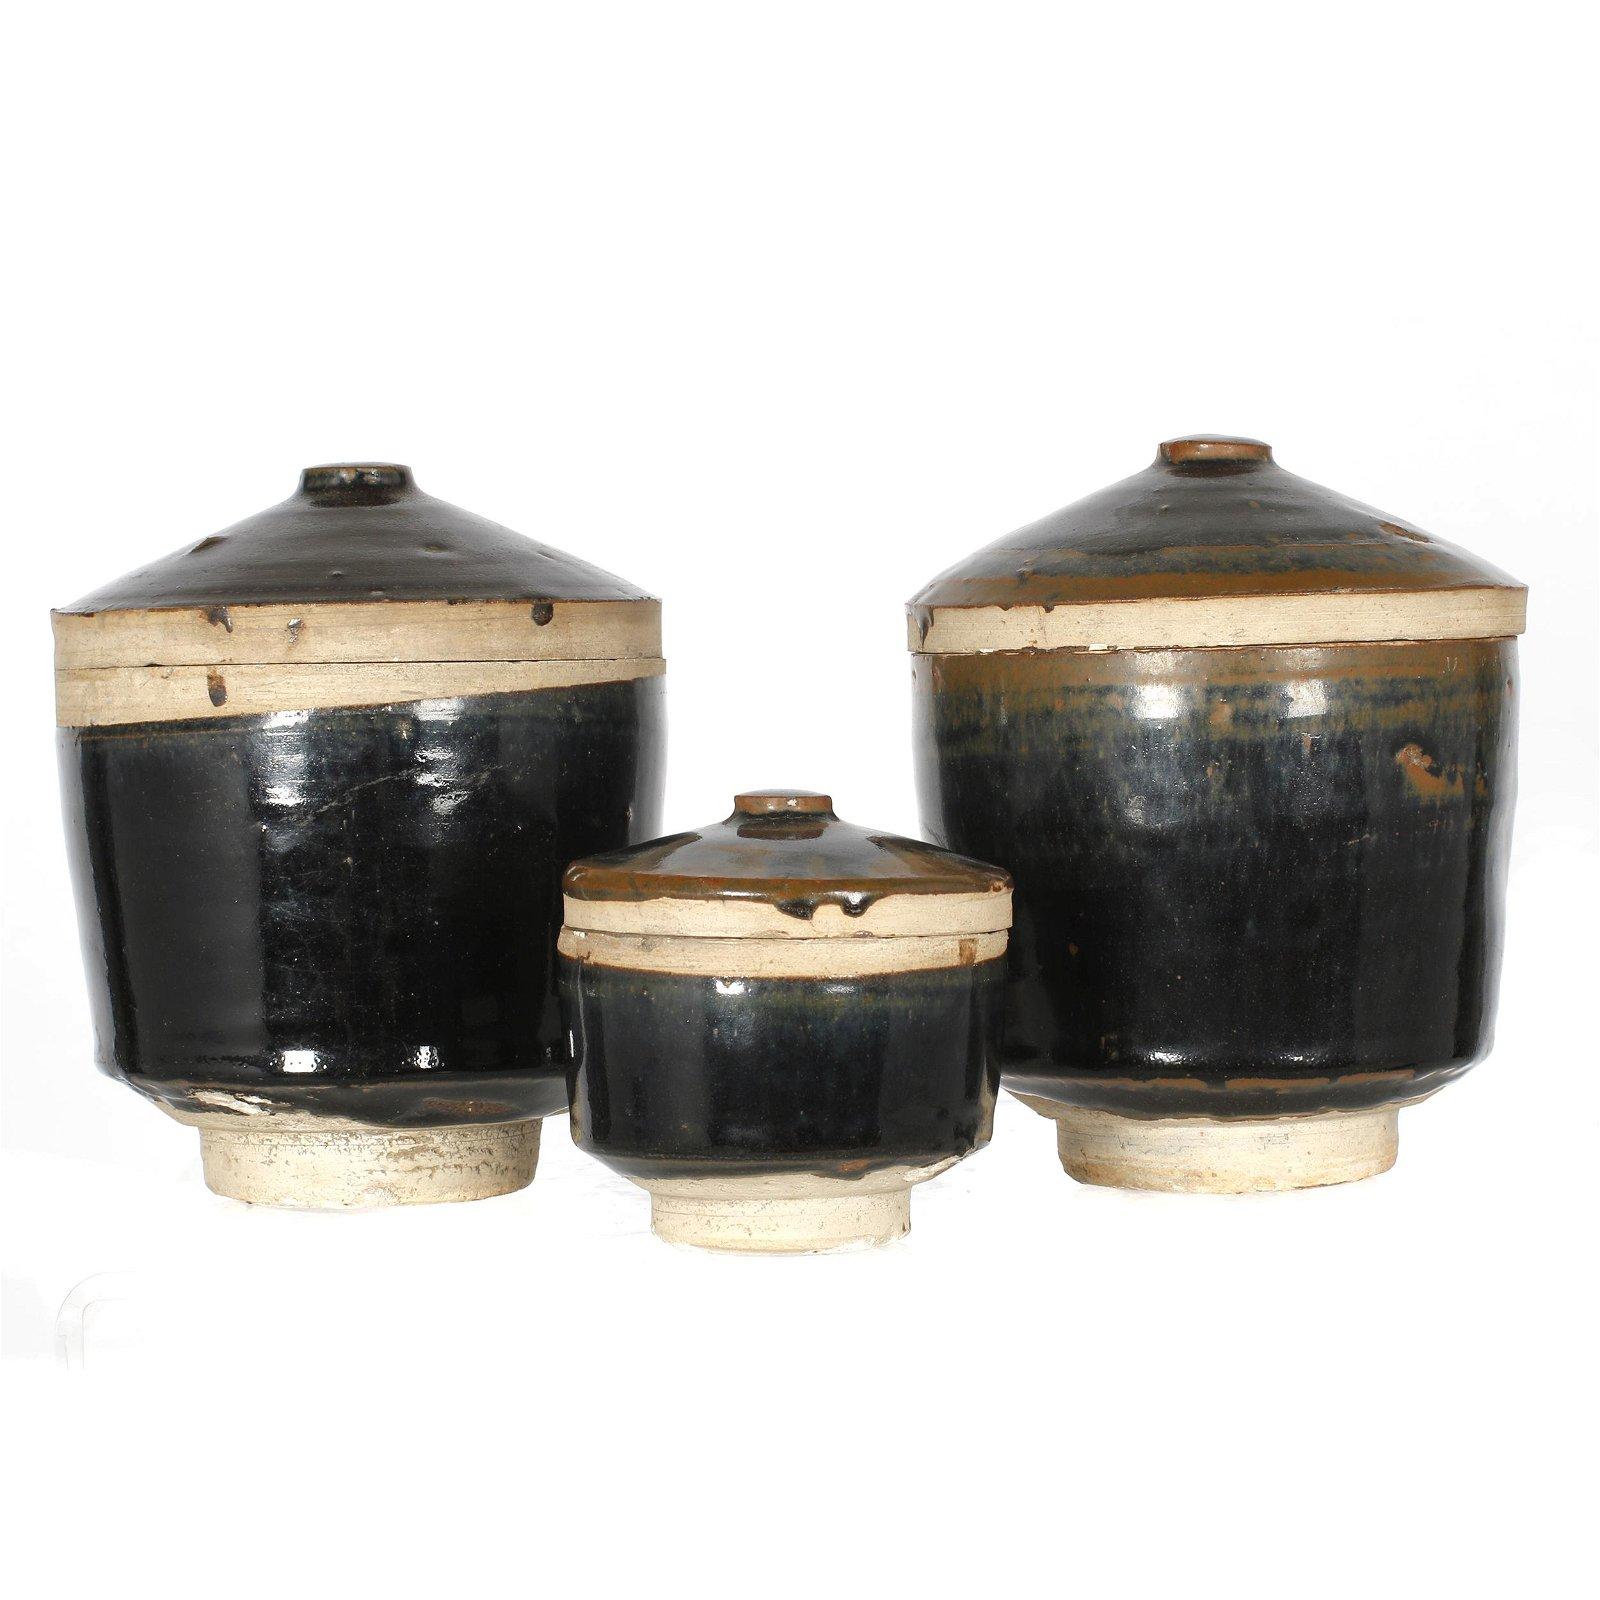 Three Black Glazed Jars, Yuan dynasty